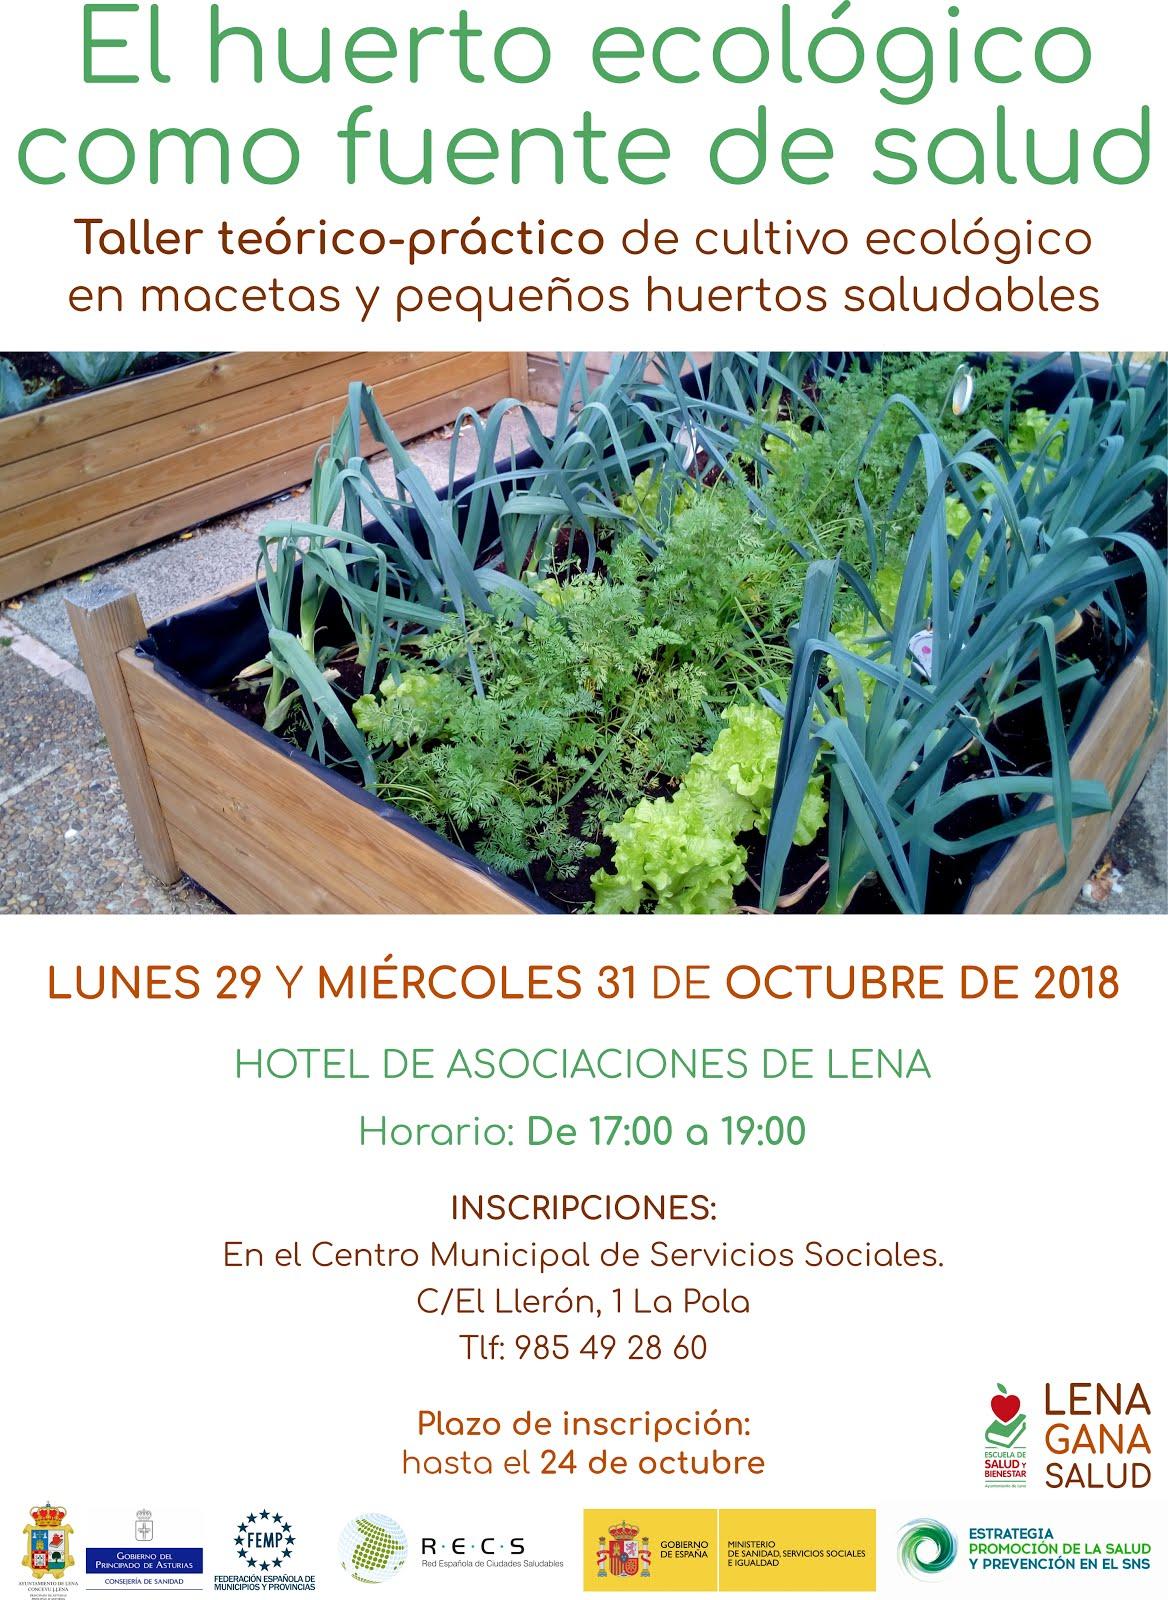 Taller de cultivo ecológico